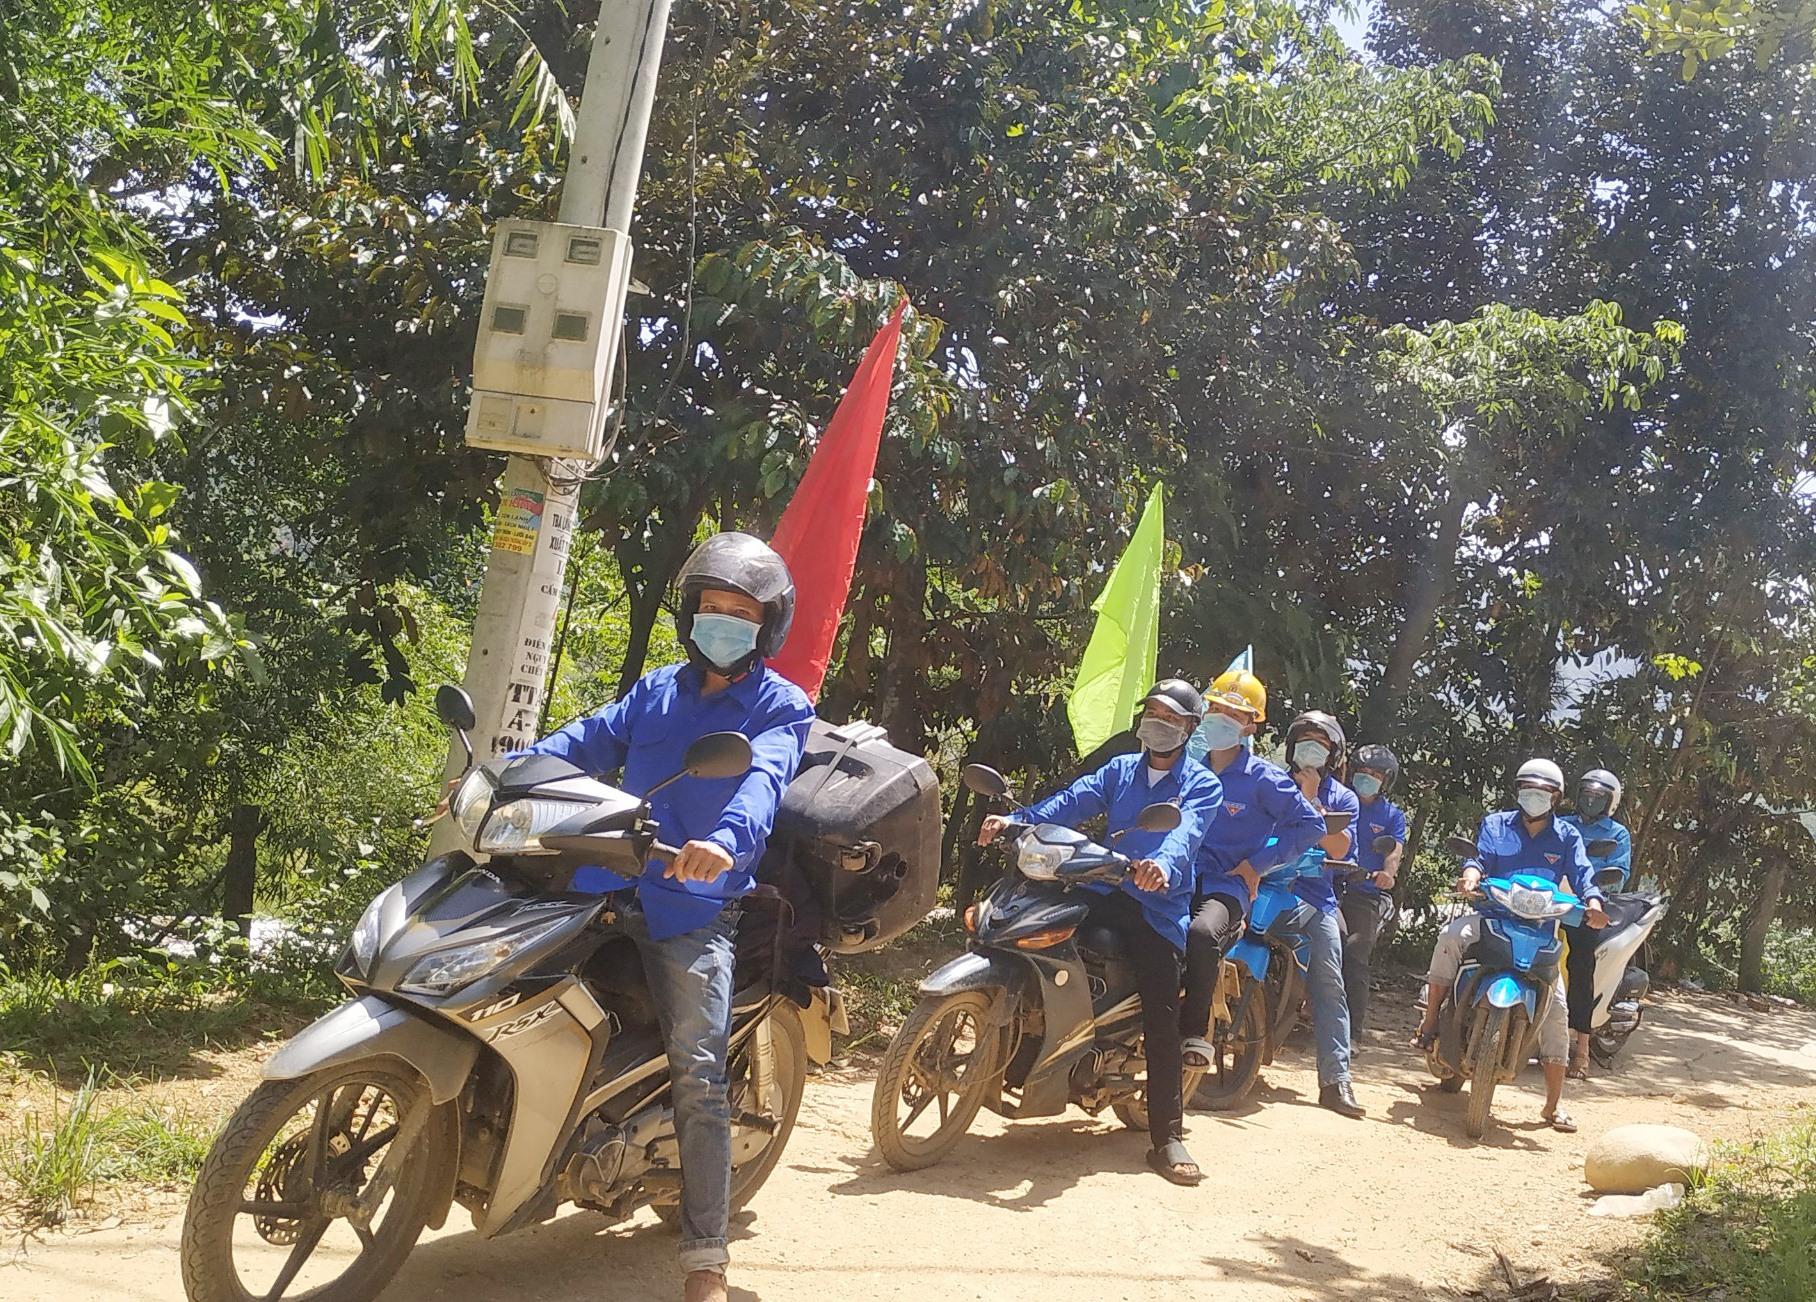 Đội tuyên truyền lưu động của Đoàn Thanh niên xã Trà Mai.